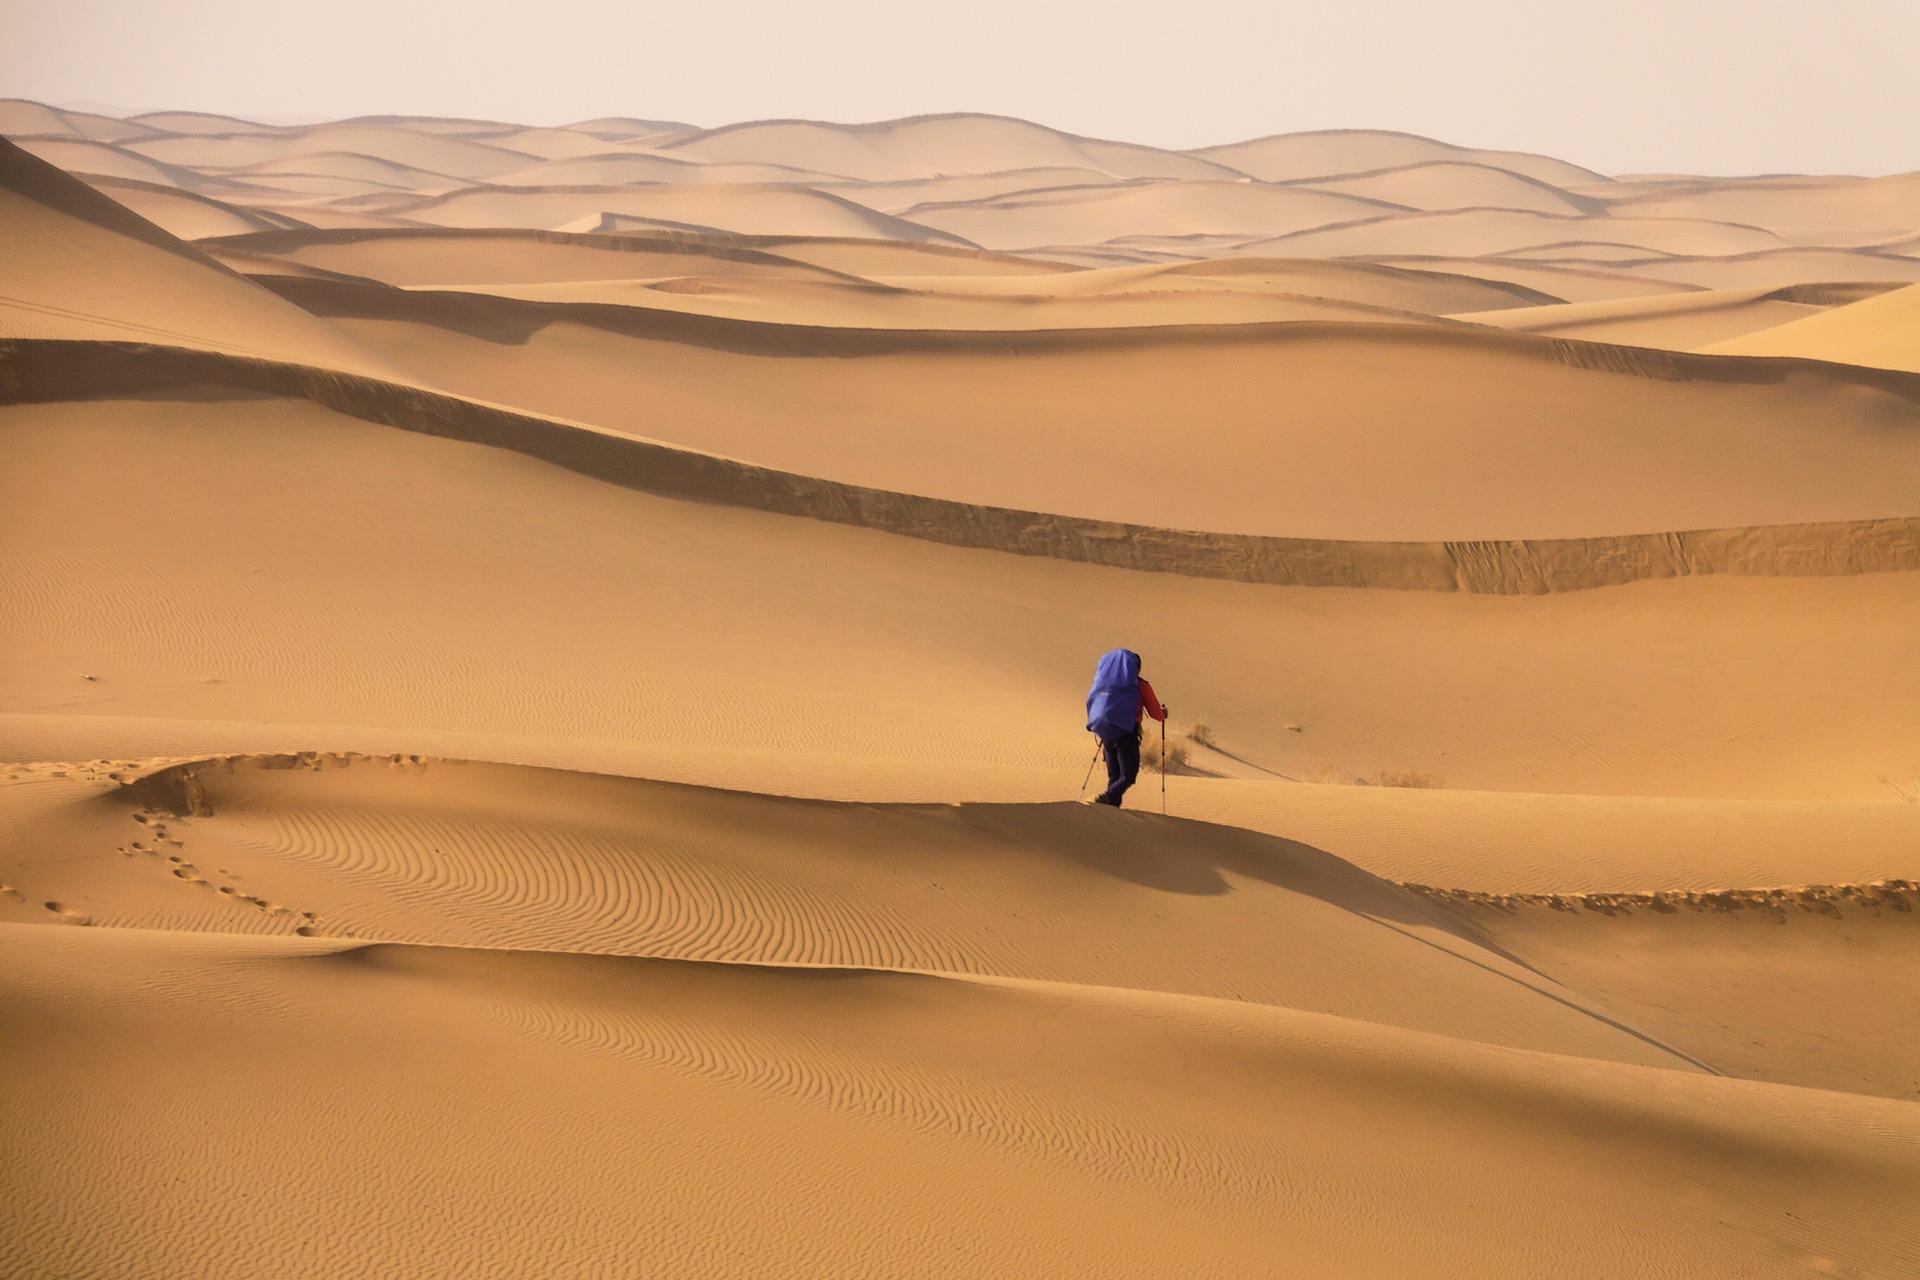 騰格里沙漠心之所向- 人在畫中的徒步旅程